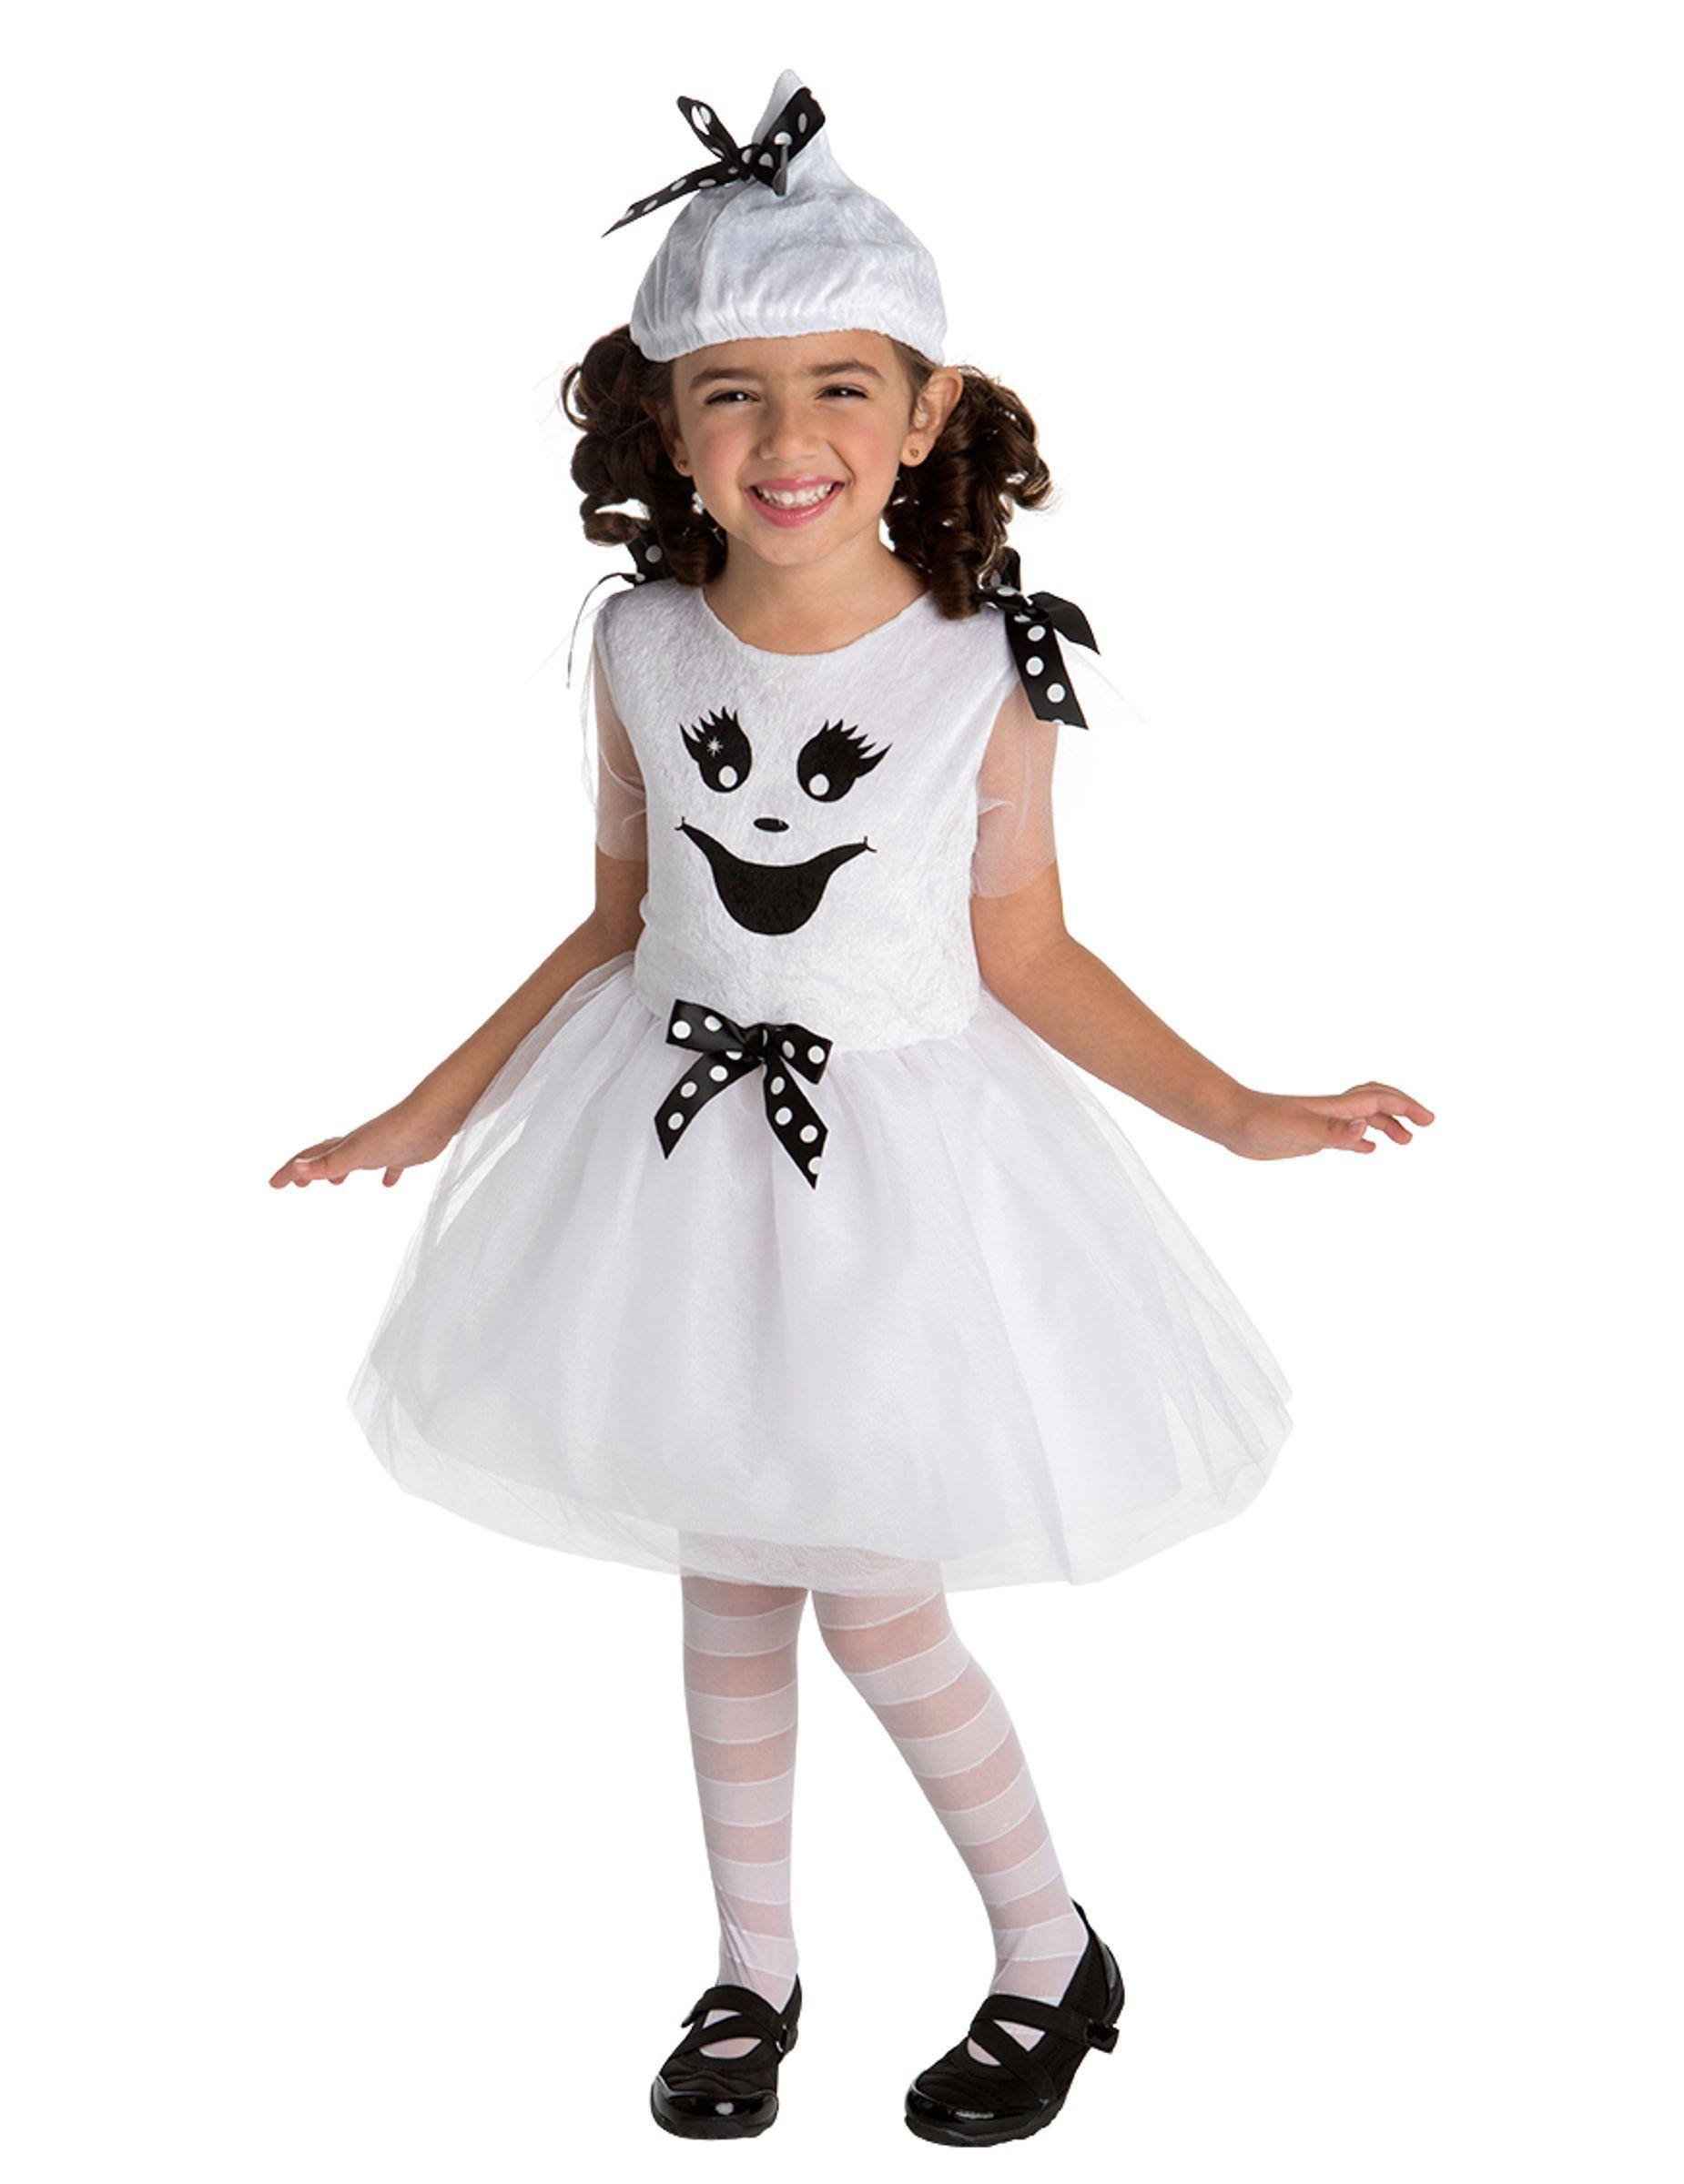 3e4b356c1 Disfraz de fantasma niña: Este disfraz de fantasma para niña incluye  vestido…